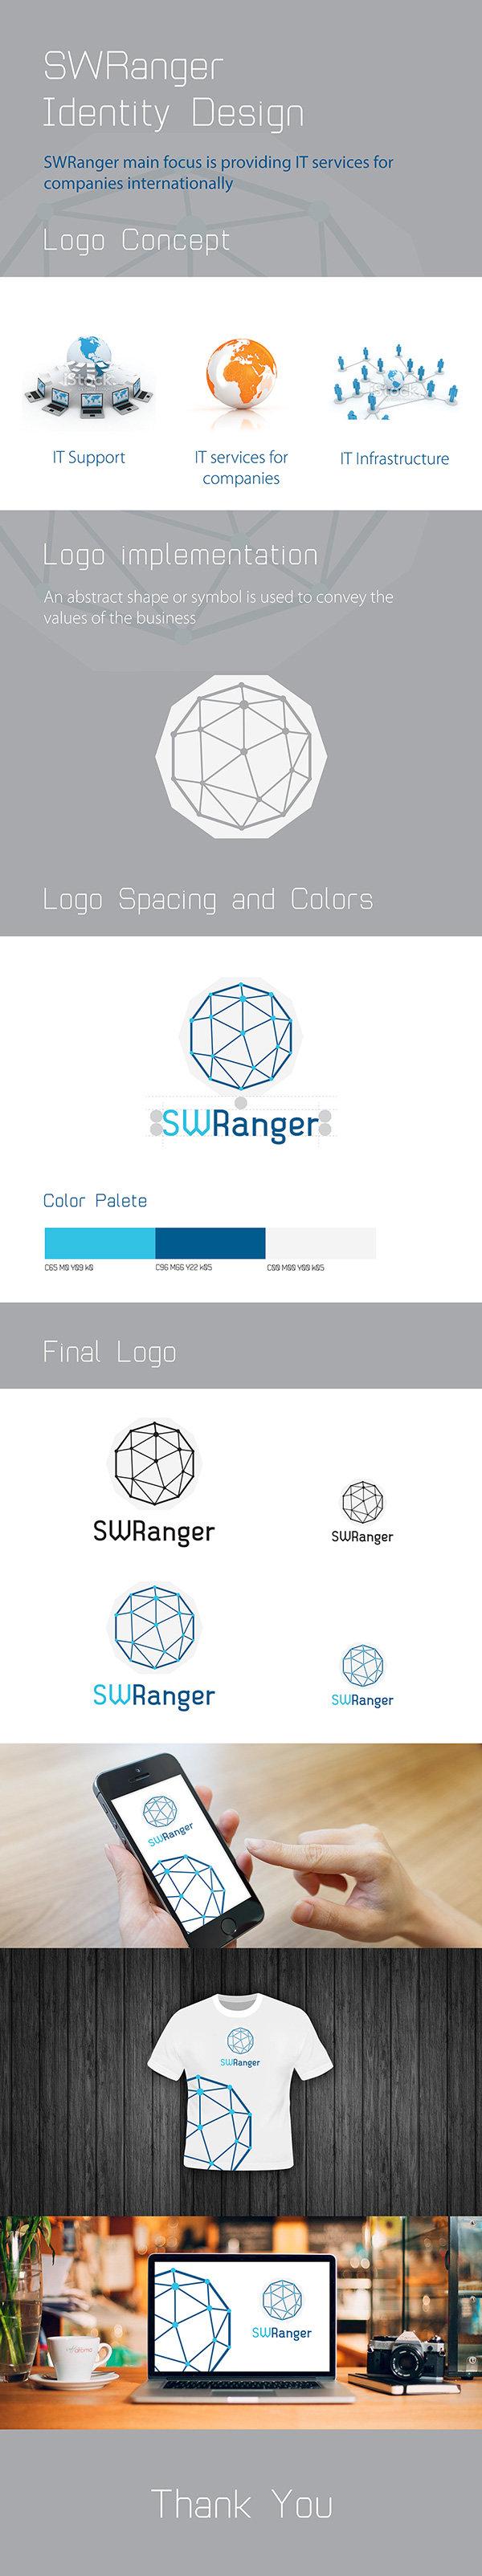 SWRangers Identity